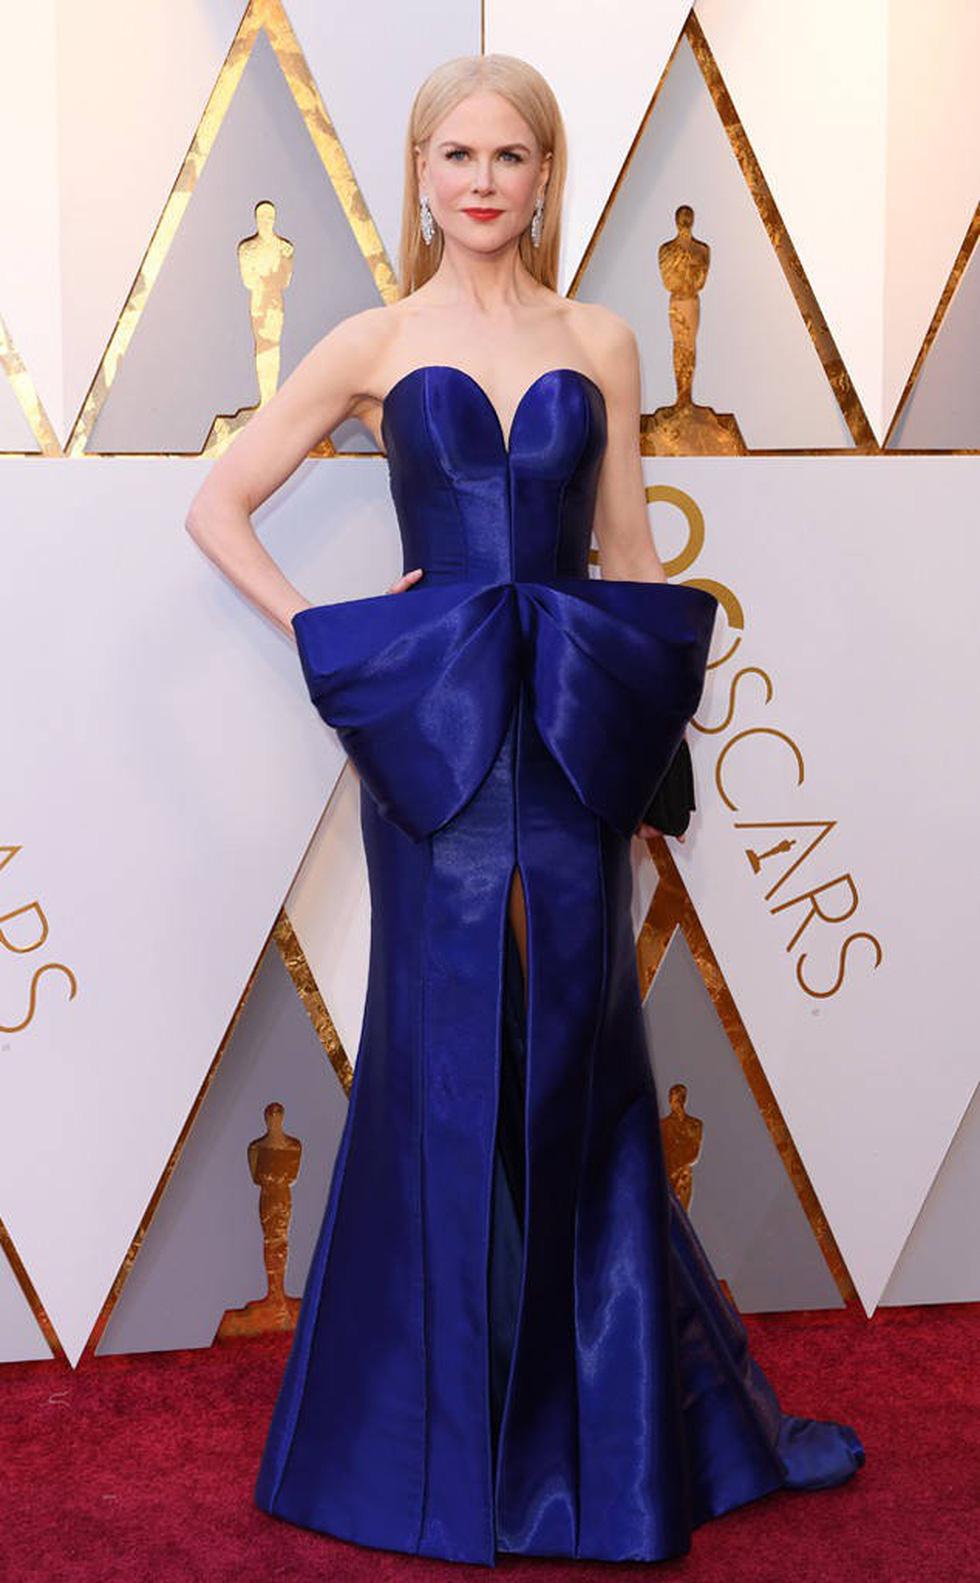 Những tên tuổi nổi tiếng đến Oscar lần thứ 90 để trao giải  - Ảnh 5.